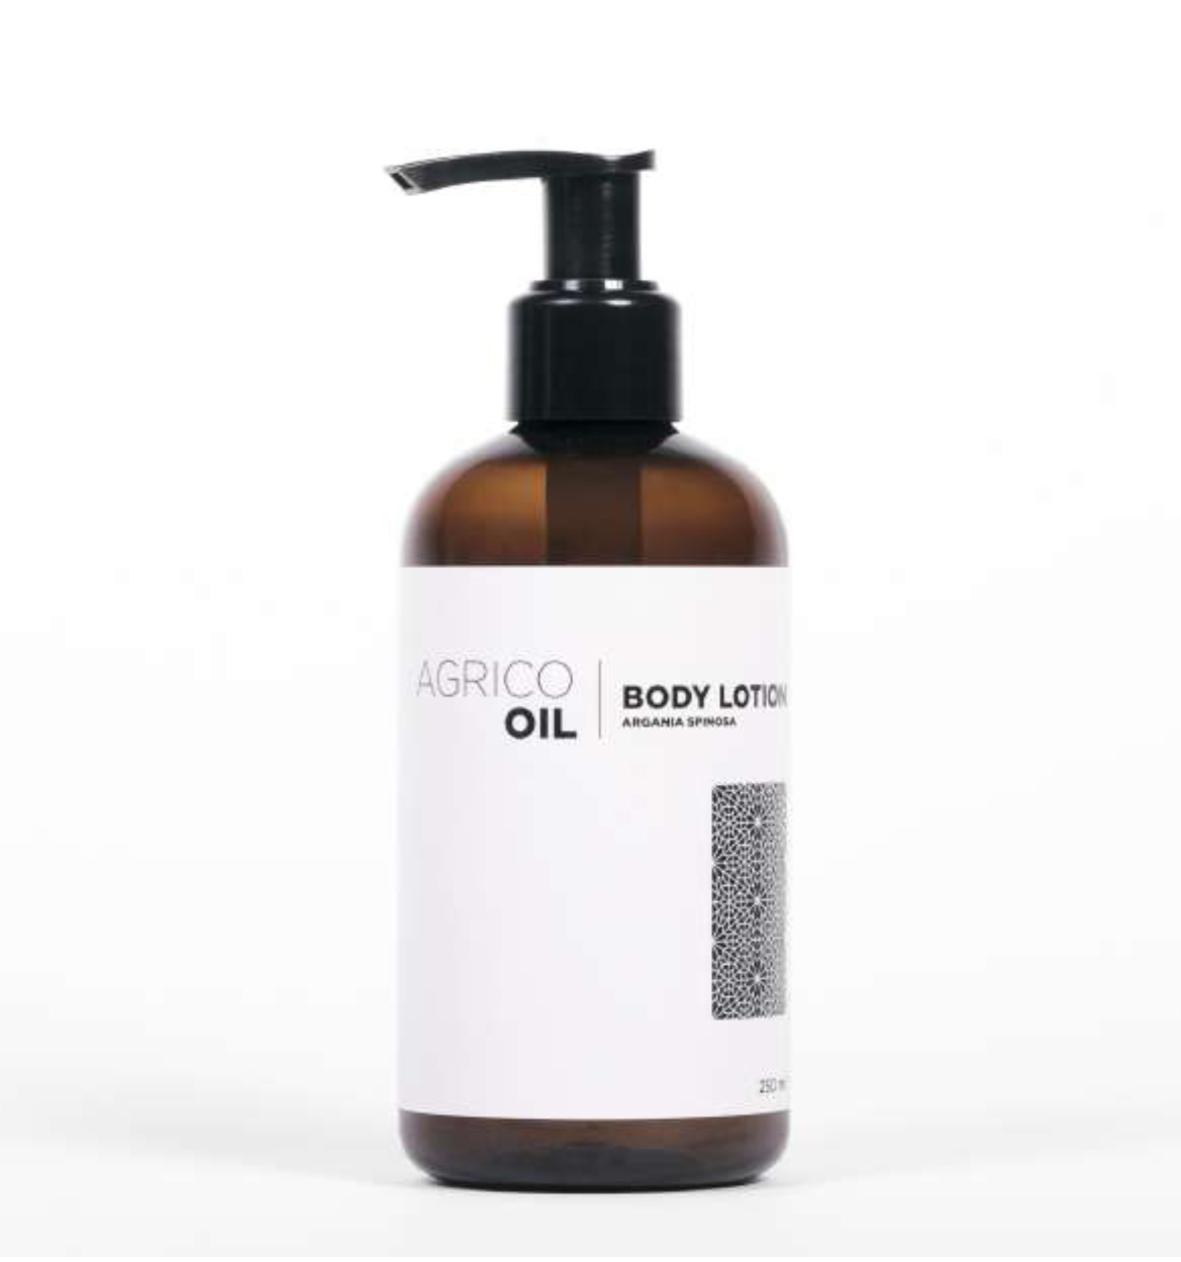 Agrico Oil Body Lotion - tělové mléko s arganovým olejem, 250 ml